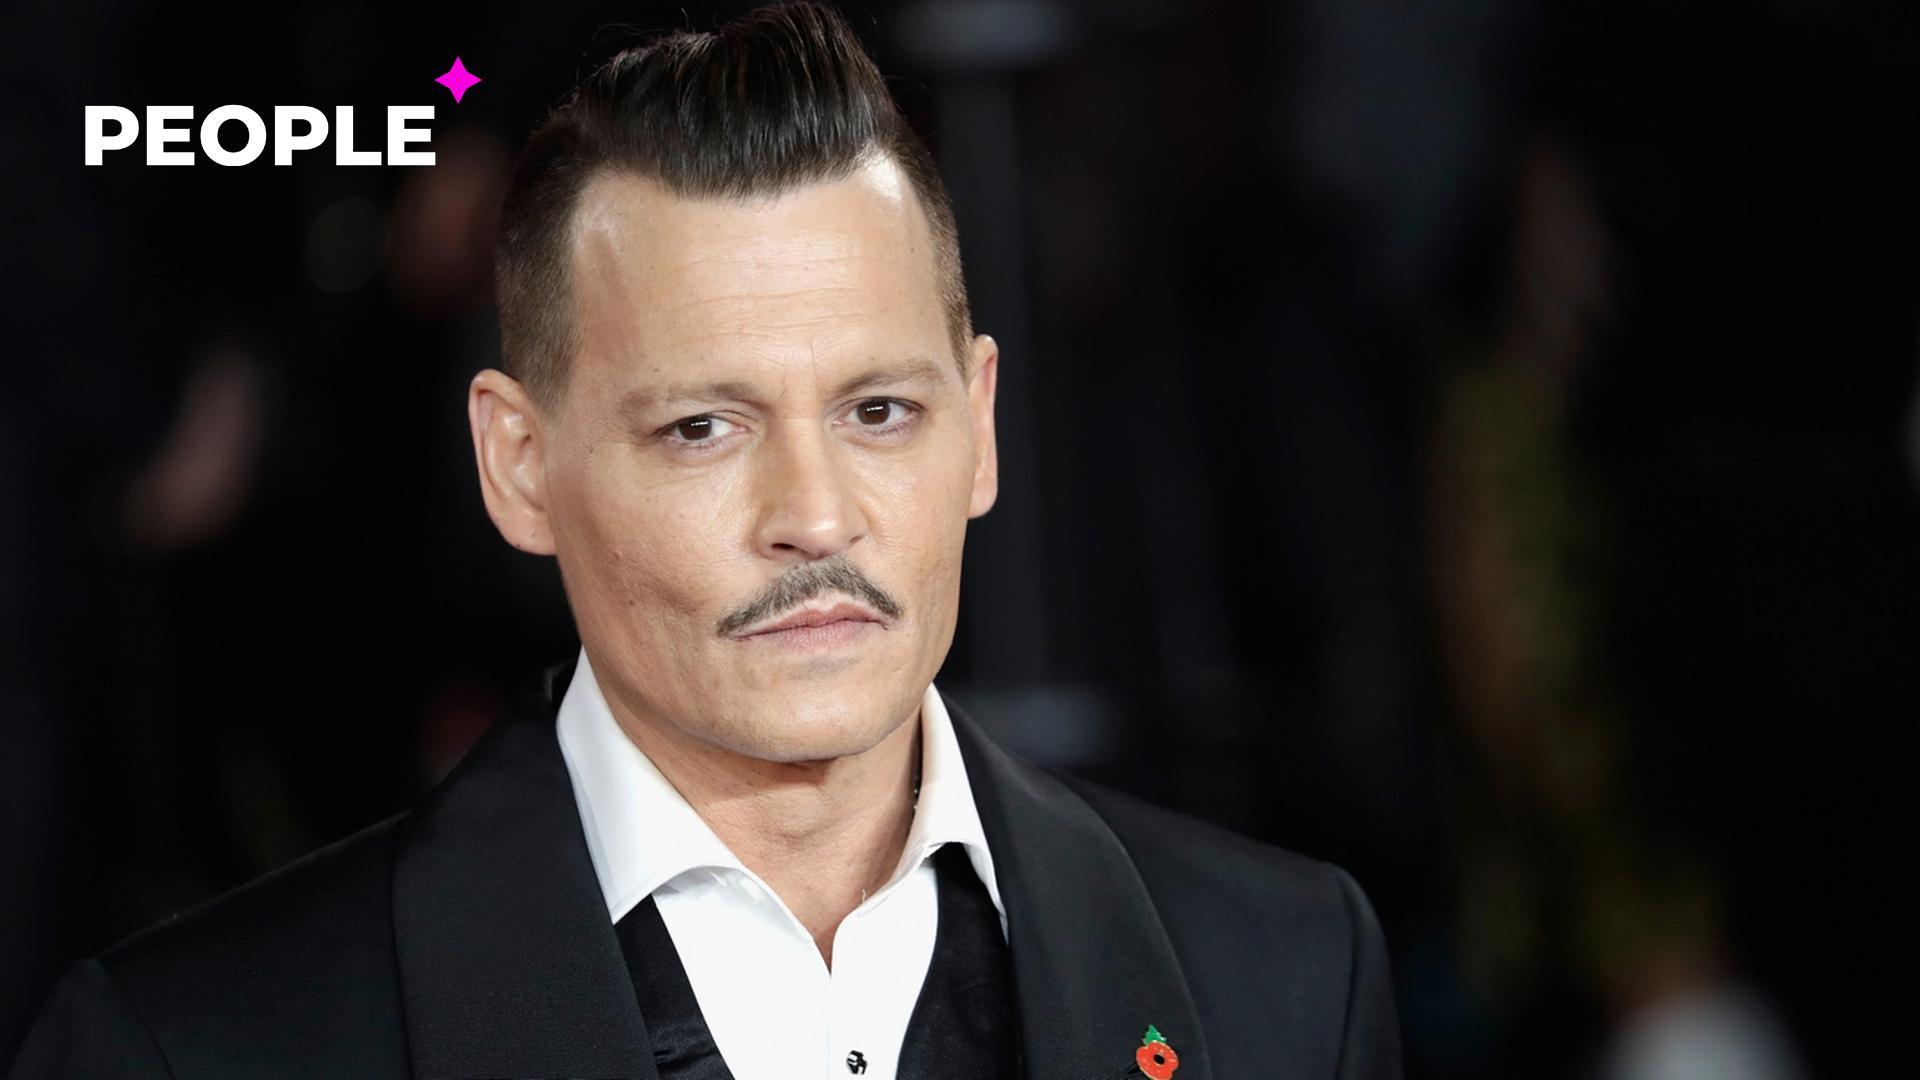 Джонни Депп пожаловался на травлю со стороны Голливуда